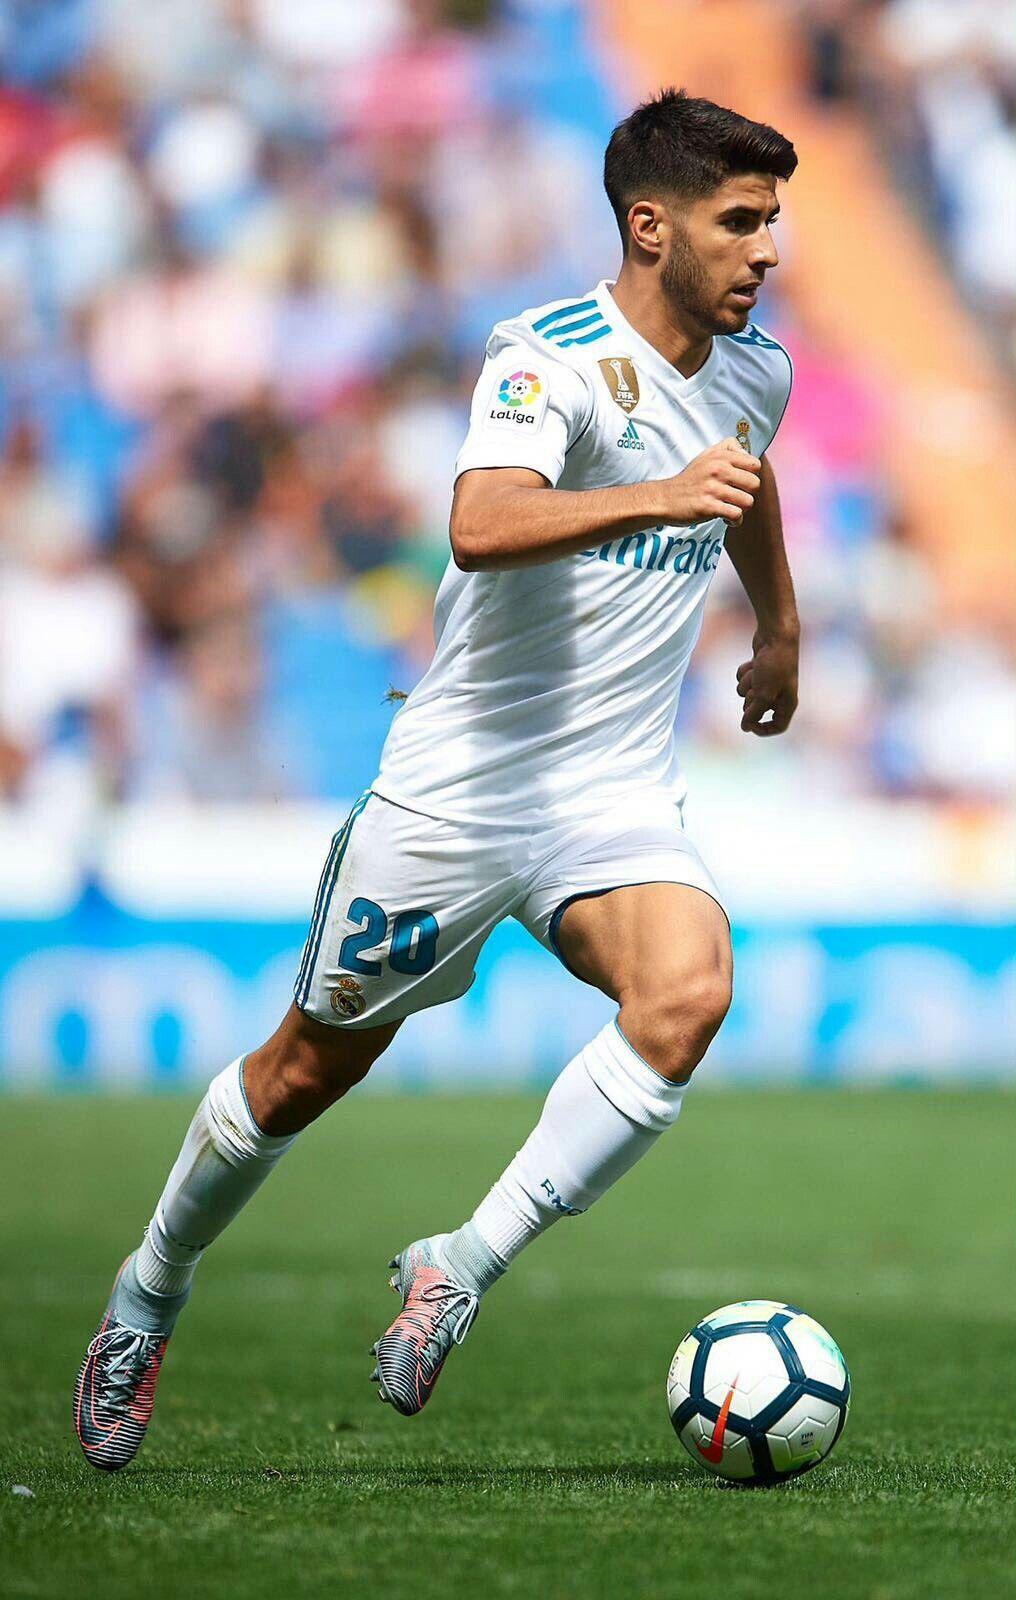 Real Madrid Vs Real Sociedad #laliga